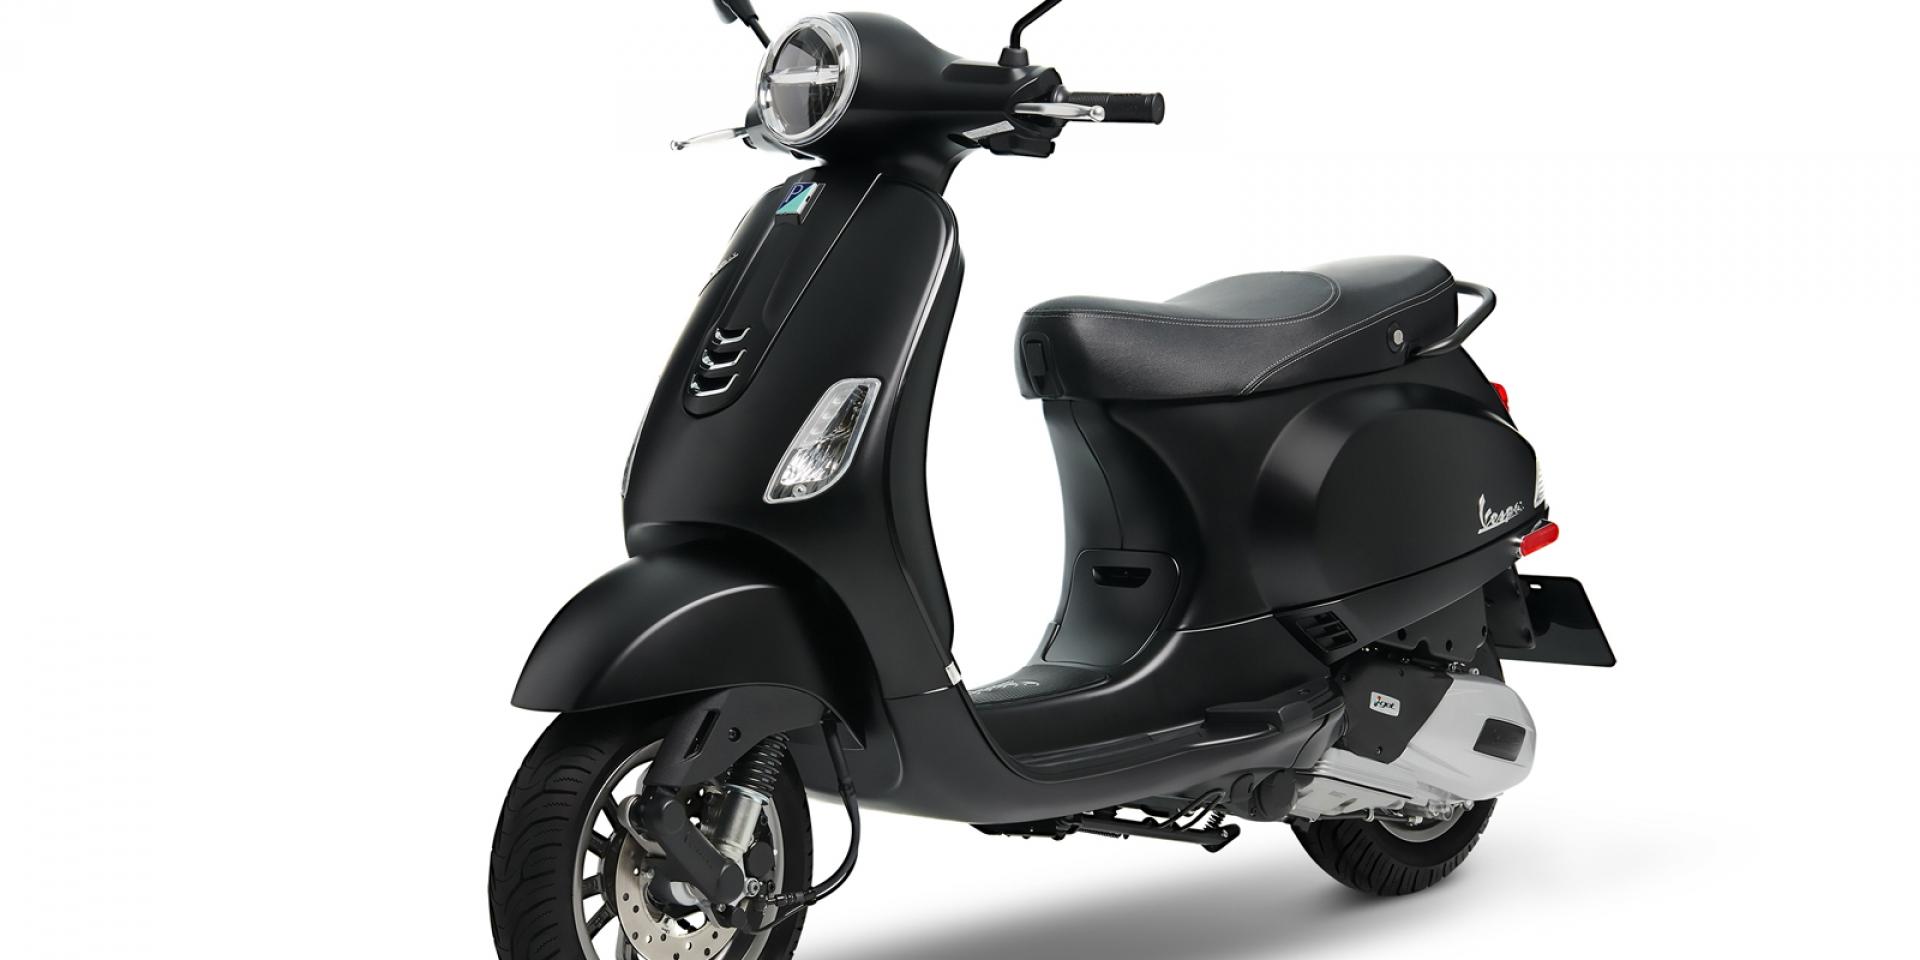 官方新聞稿。Vespa台灣獨家限定特仕版LX 125 i-get FL Matt Black黑色時尚 由你引領